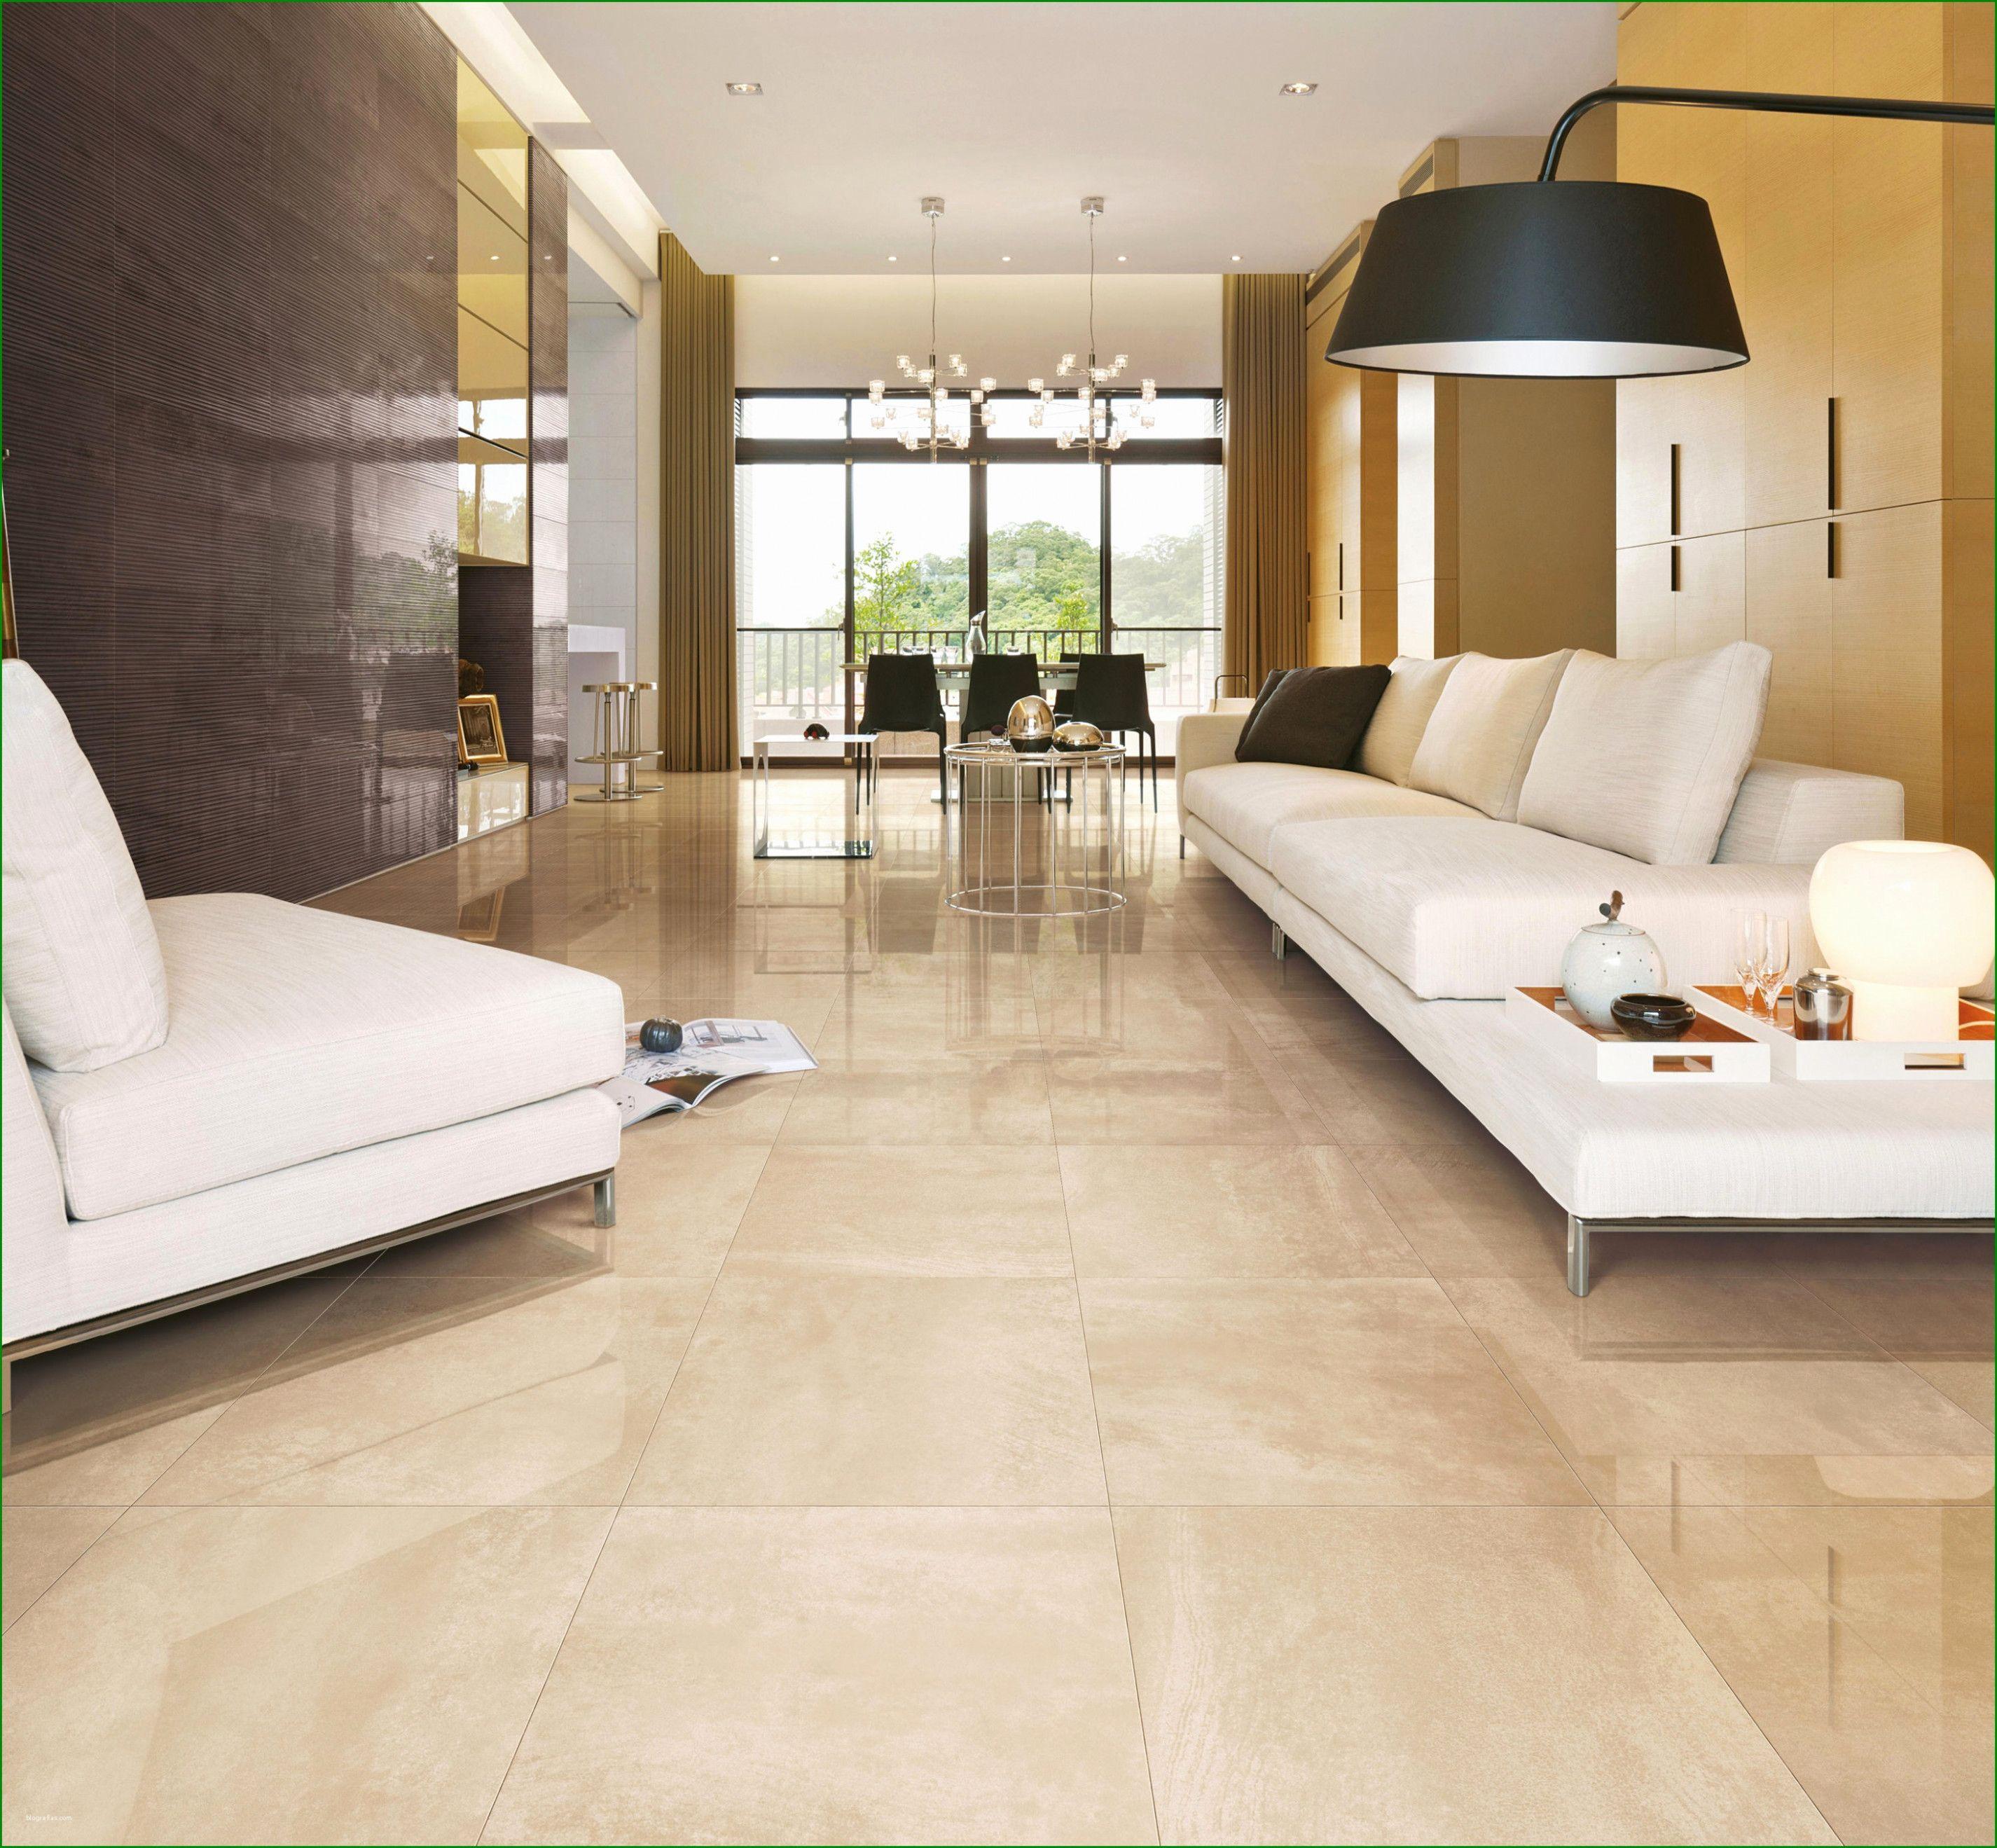 Wohnzimmer Mit Terracotta Fliesen  Fliesen wohnzimmer, Wohnzimmer